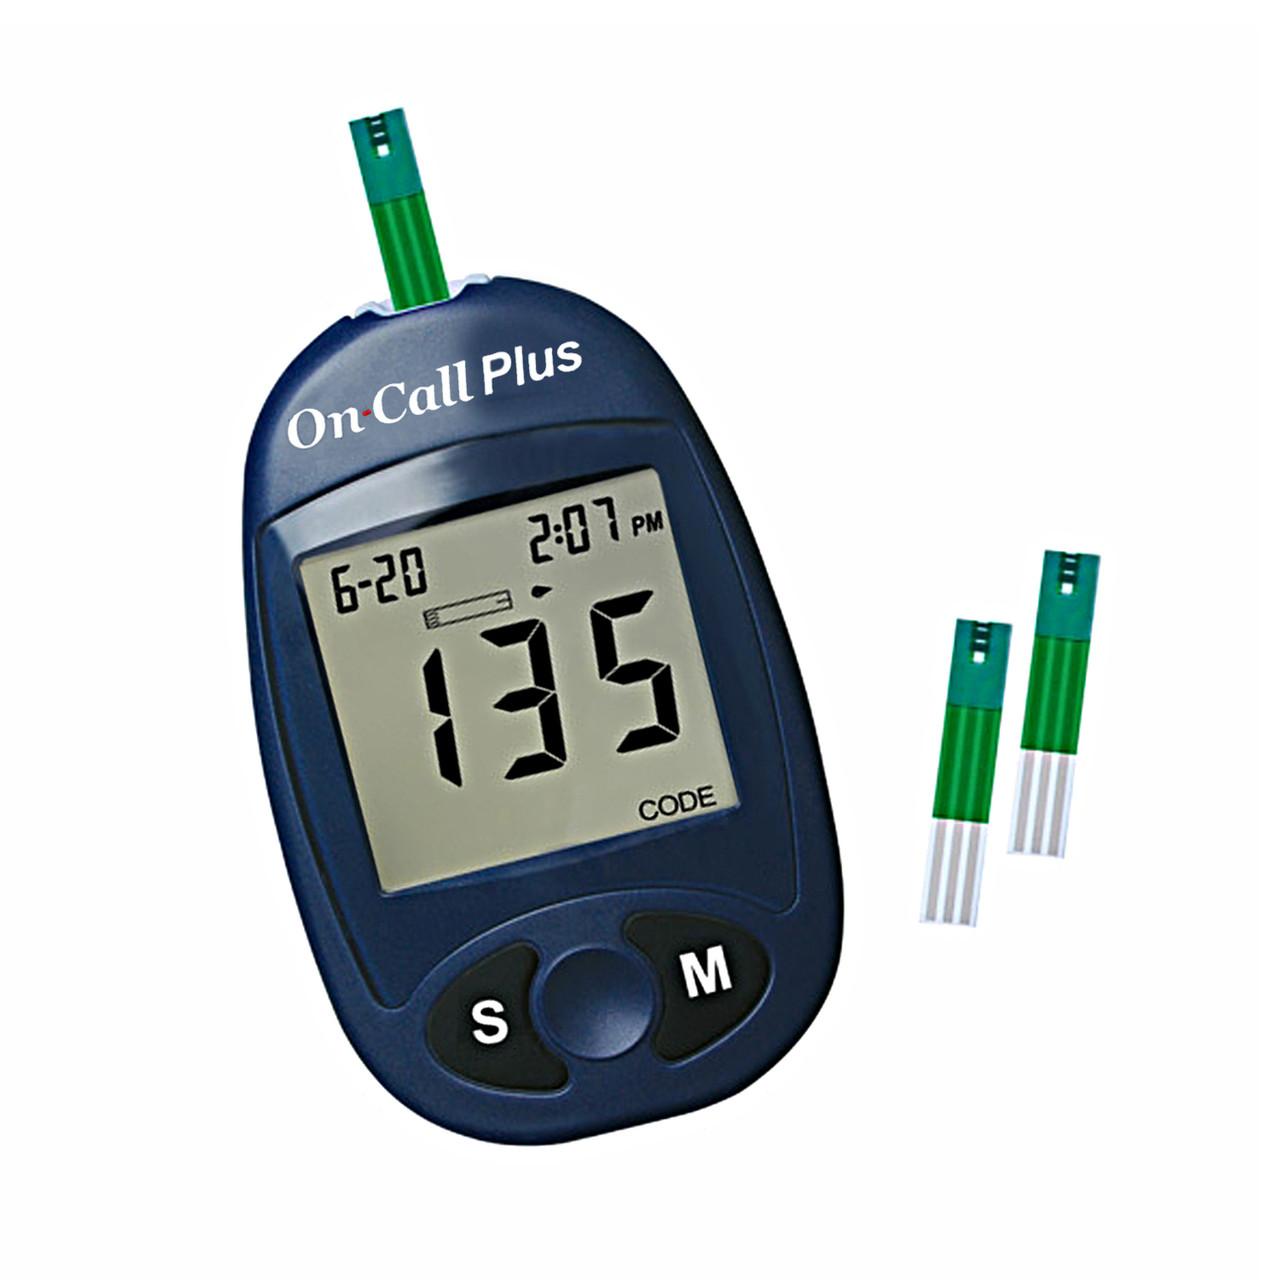 Прибор для измерения сахара в крови. Как выбрать глюкометр: советы доктора